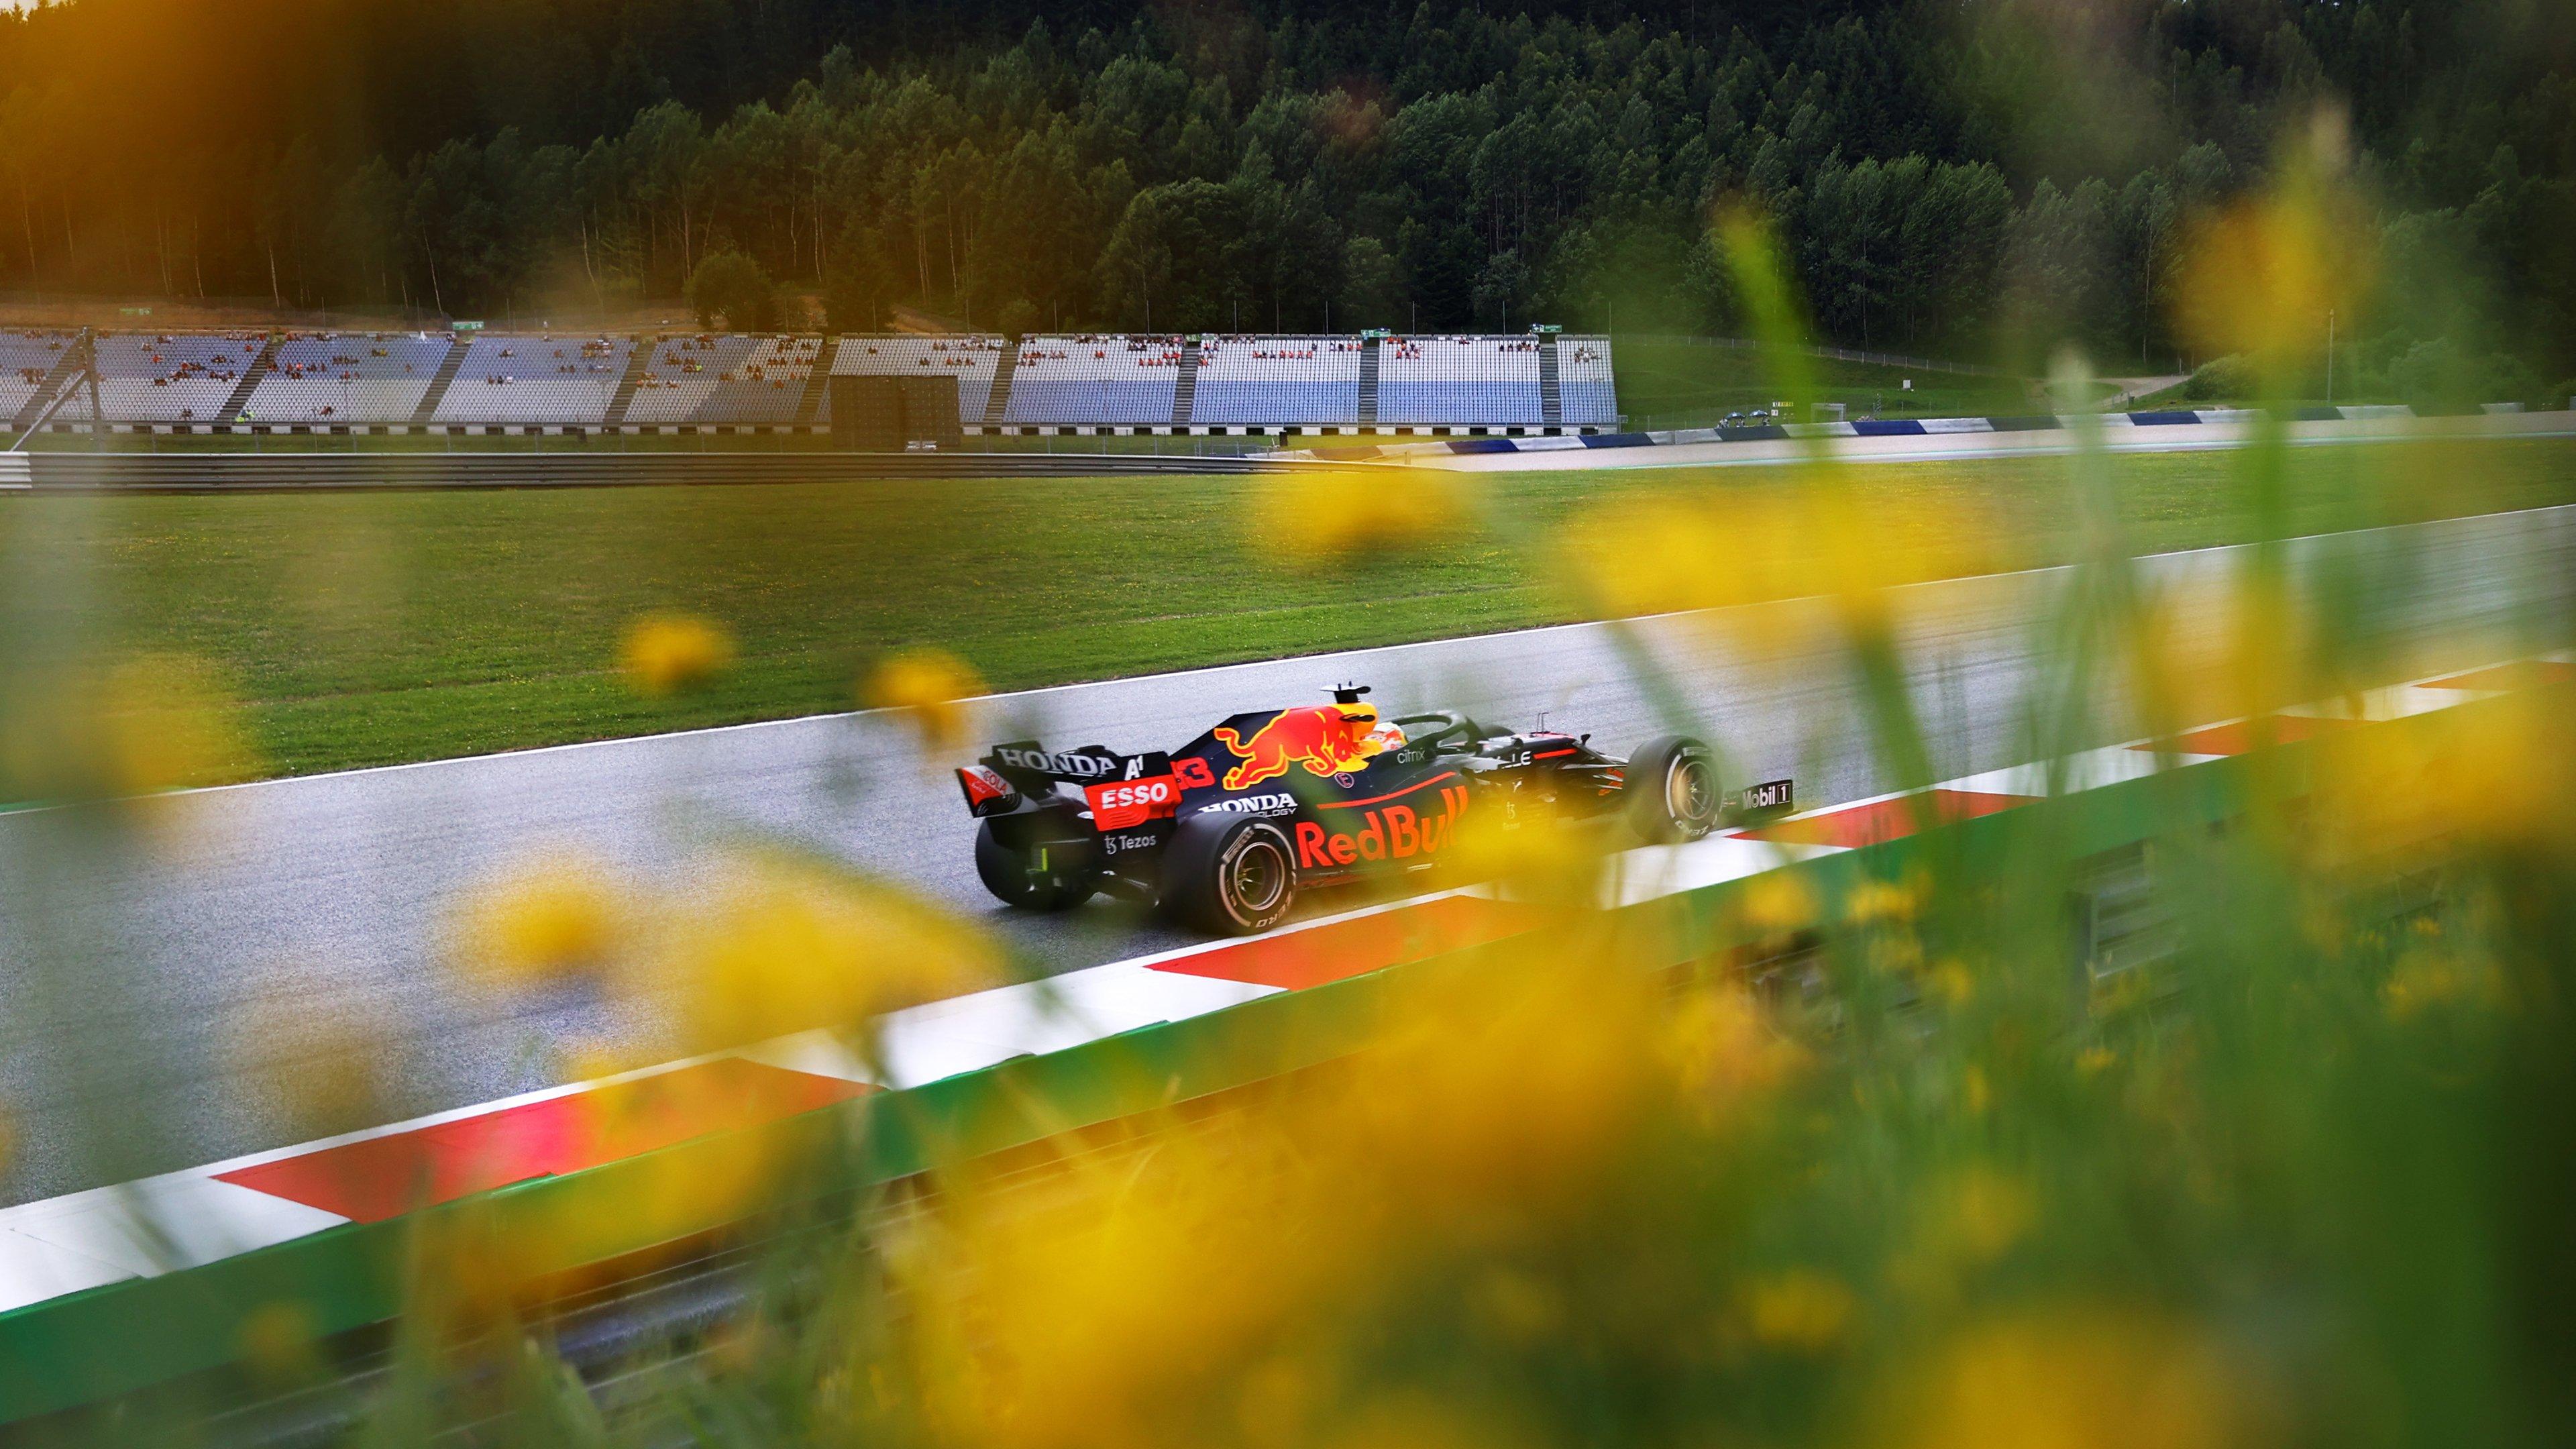 Viernes en Estiria - Red Bull domina las sesiones de libres con Verstappen